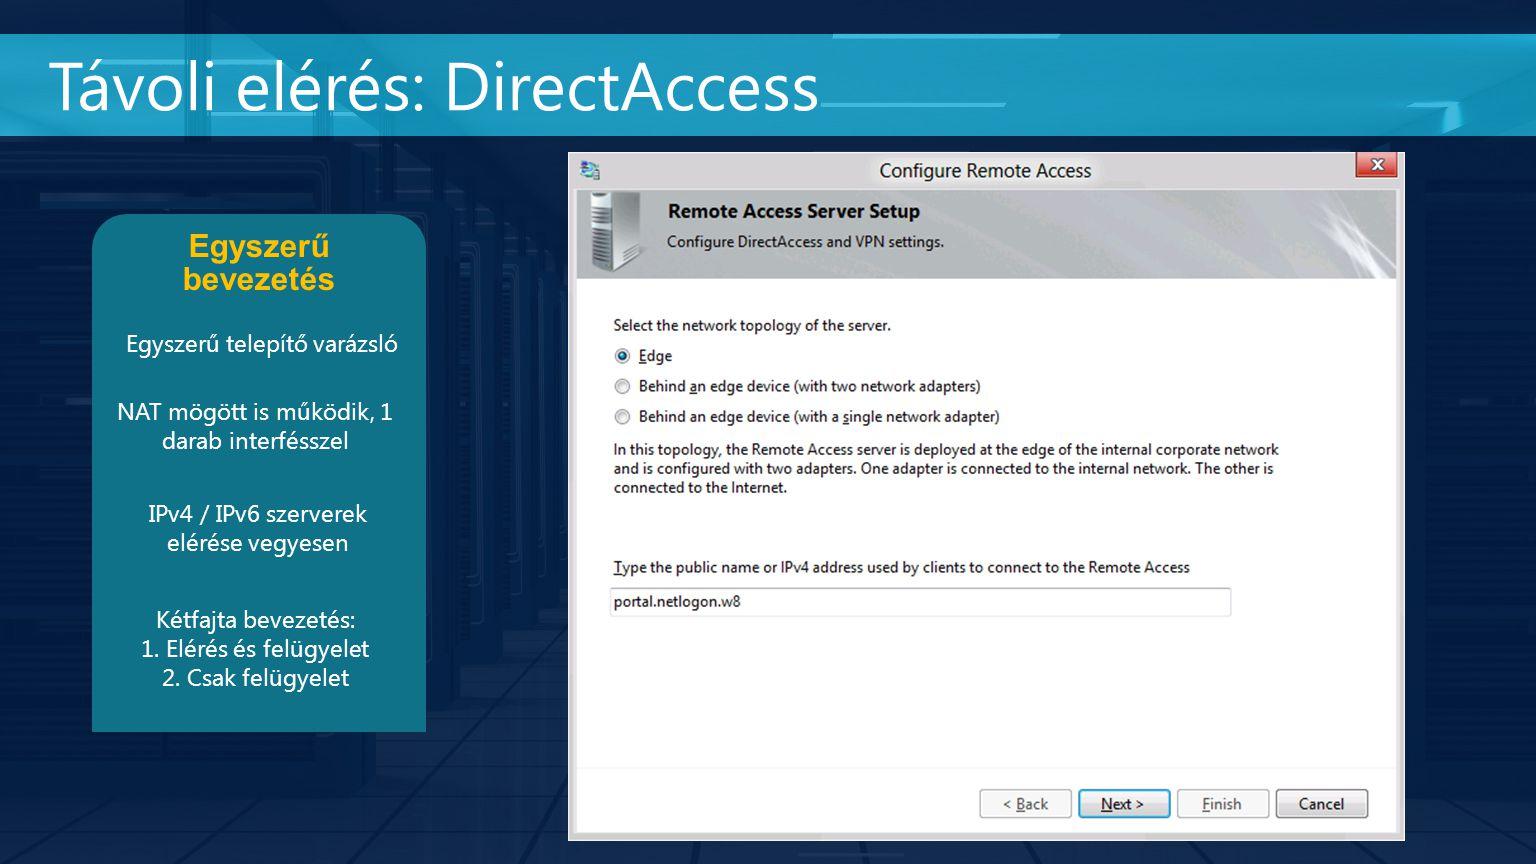 Távoli elérés: DirectAccess